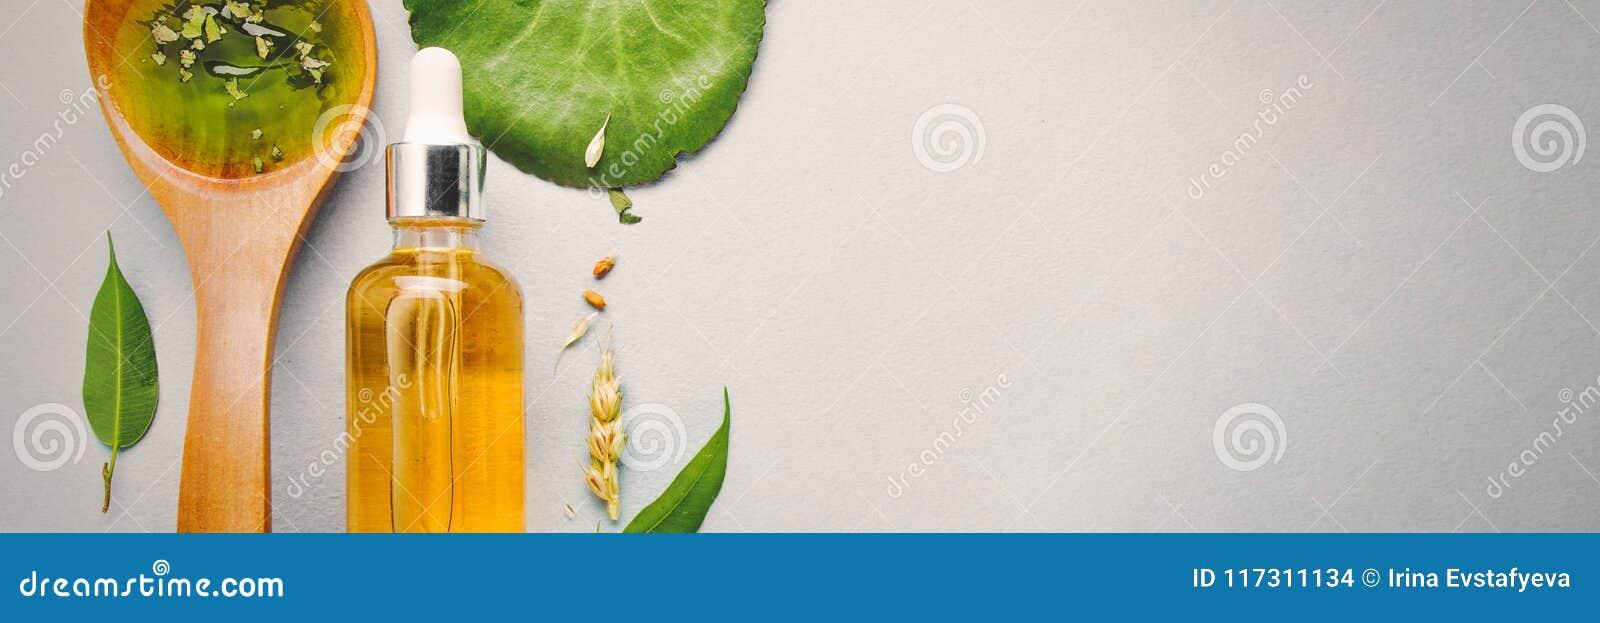 同种疗法油,小肠健康的,护肤膳食补充剂